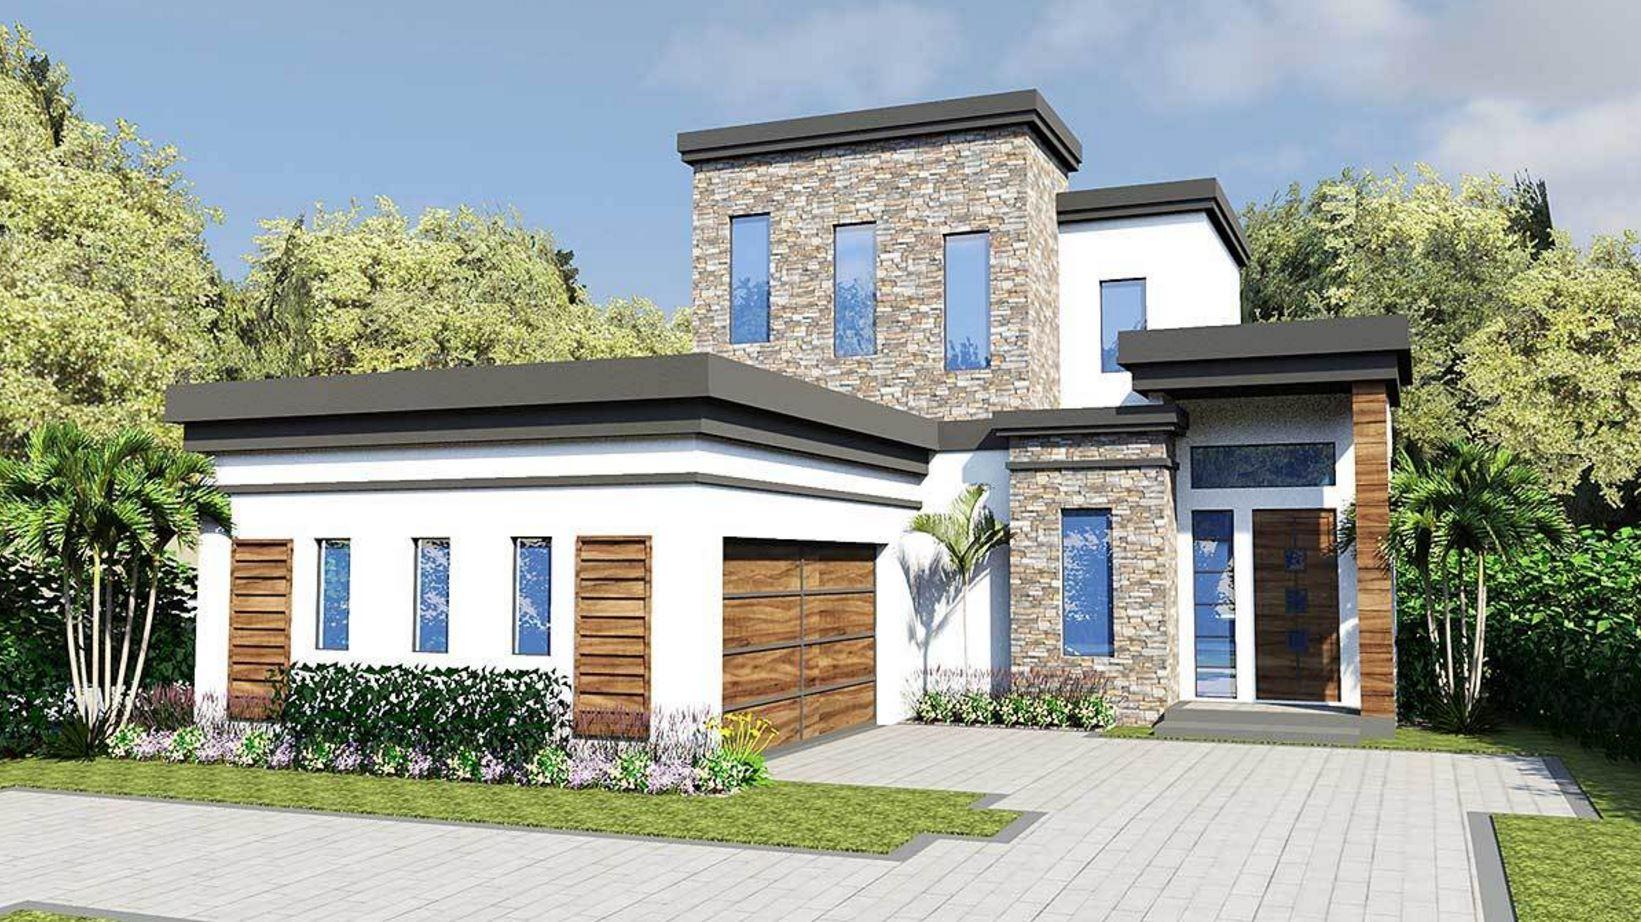 Plano de casa moderna de dos pisos planos de casas modernas for Casas modernas planos y fachadas